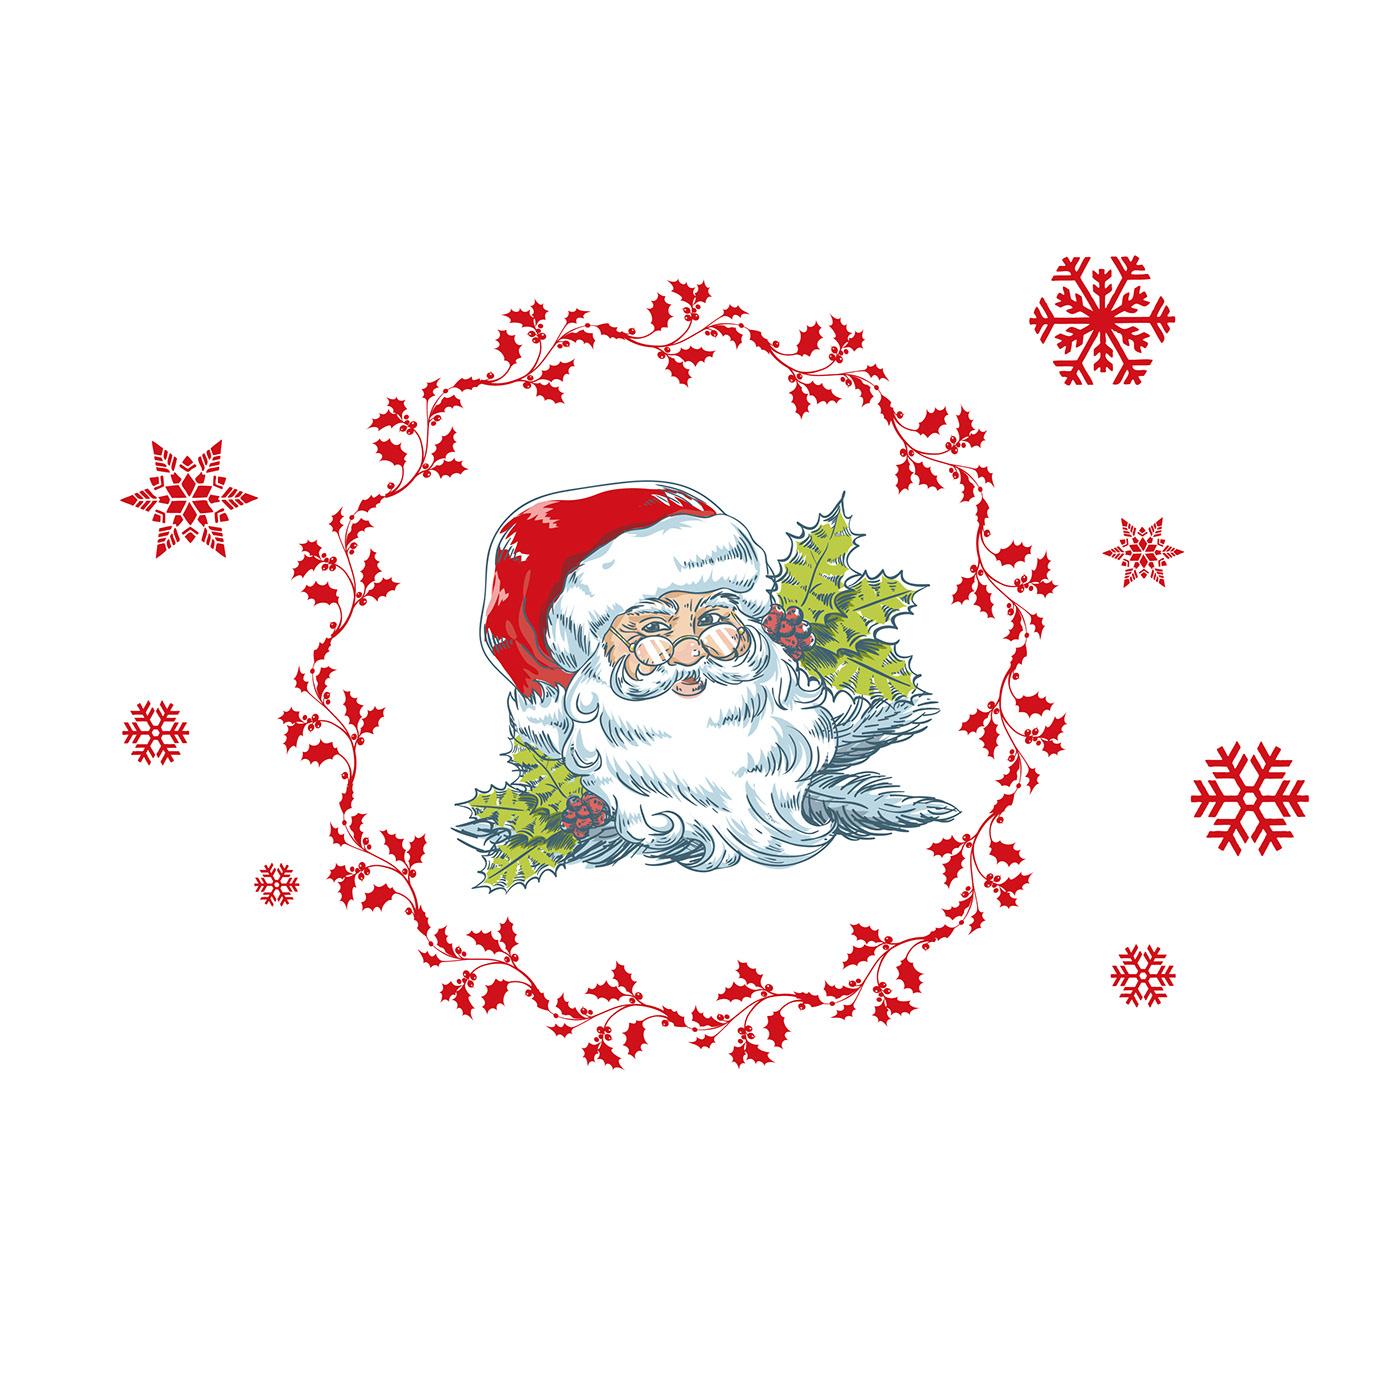 精細的12套聖誕節圖檔欣賞